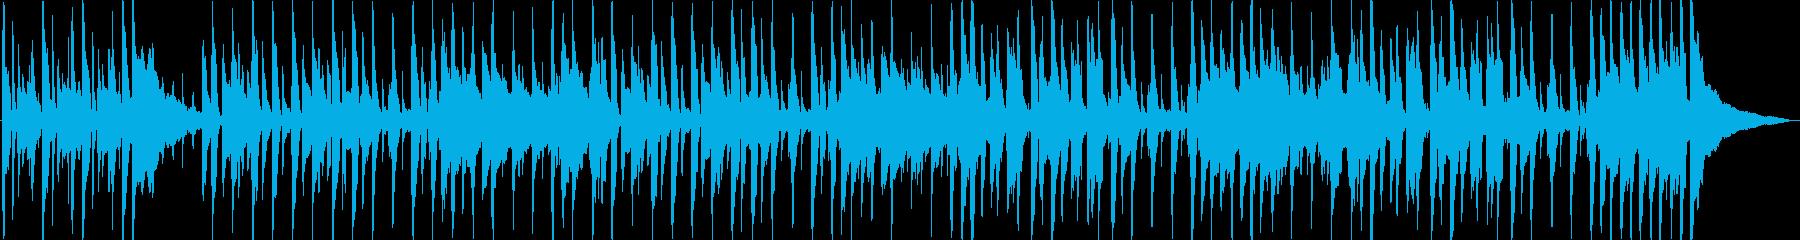 アコースティックギターのリズムとメ...の再生済みの波形